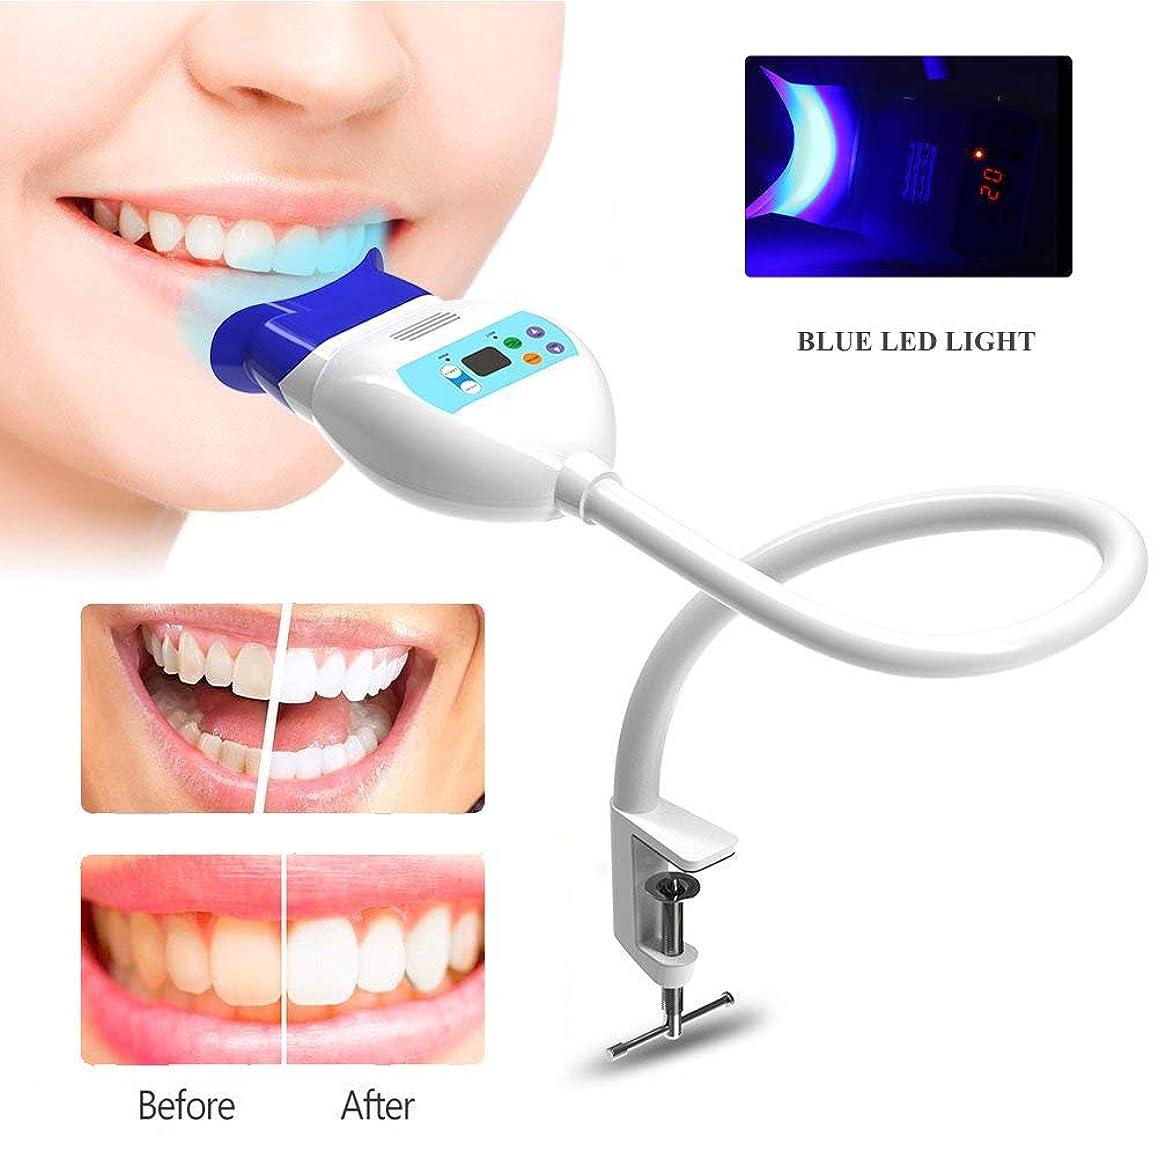 ランチブロックする平均ホームオフィスの使用のための卓上スタンド歯科漂白システムで握っているLEDの青い冷光の歯のホワイトナー装置を白くする歯